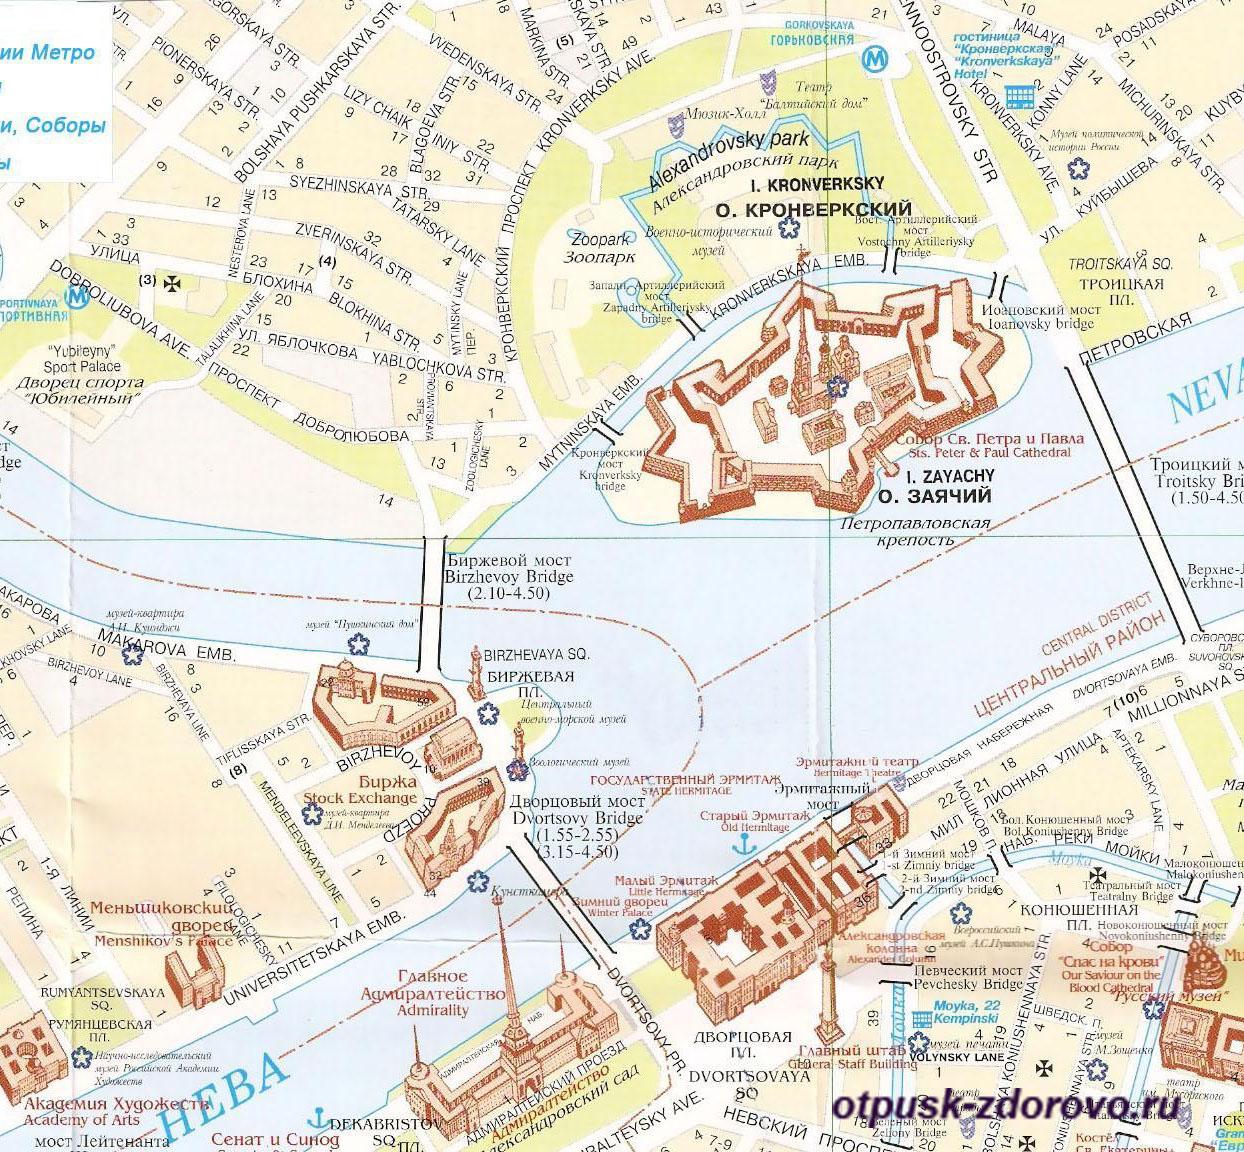 Петропавловская крепость на острове Заячий, карта